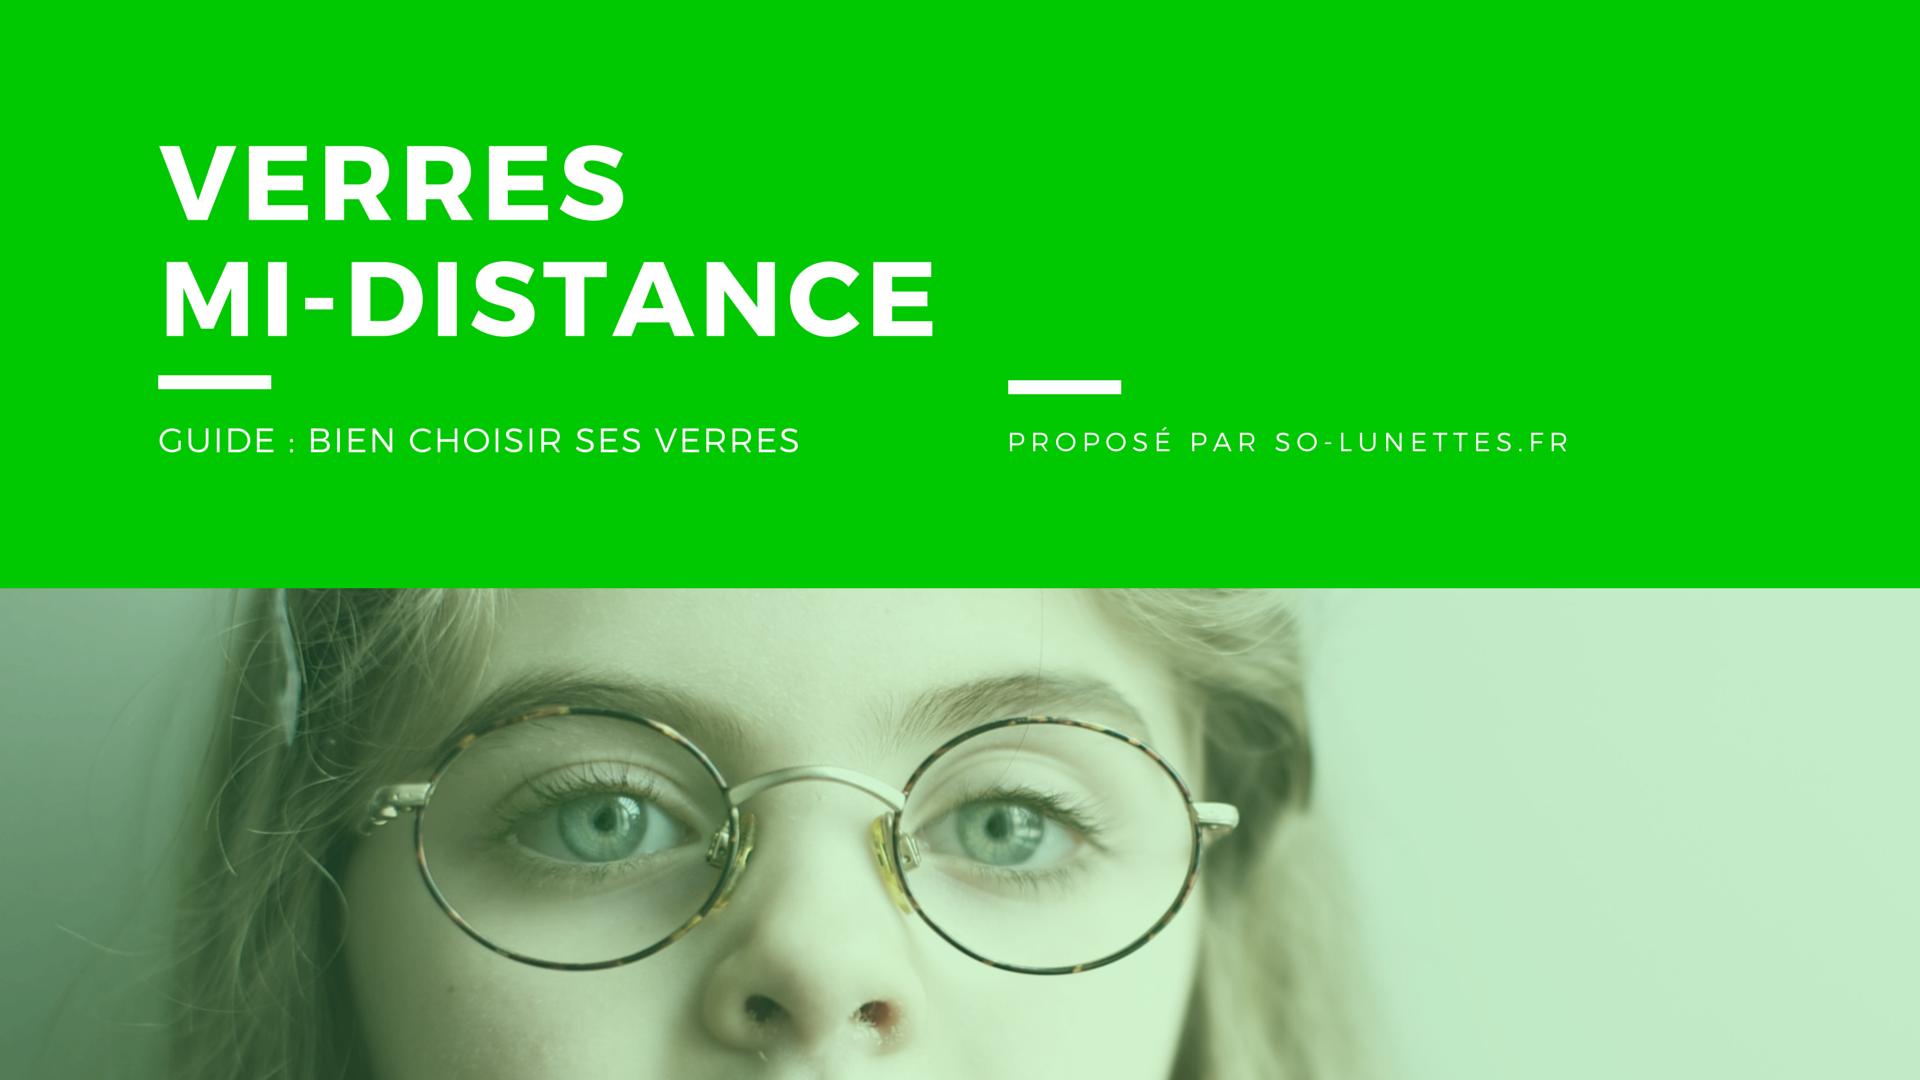 6cb9dcead0 Guide : choisir ses verres mi-distance - So-Lunettes